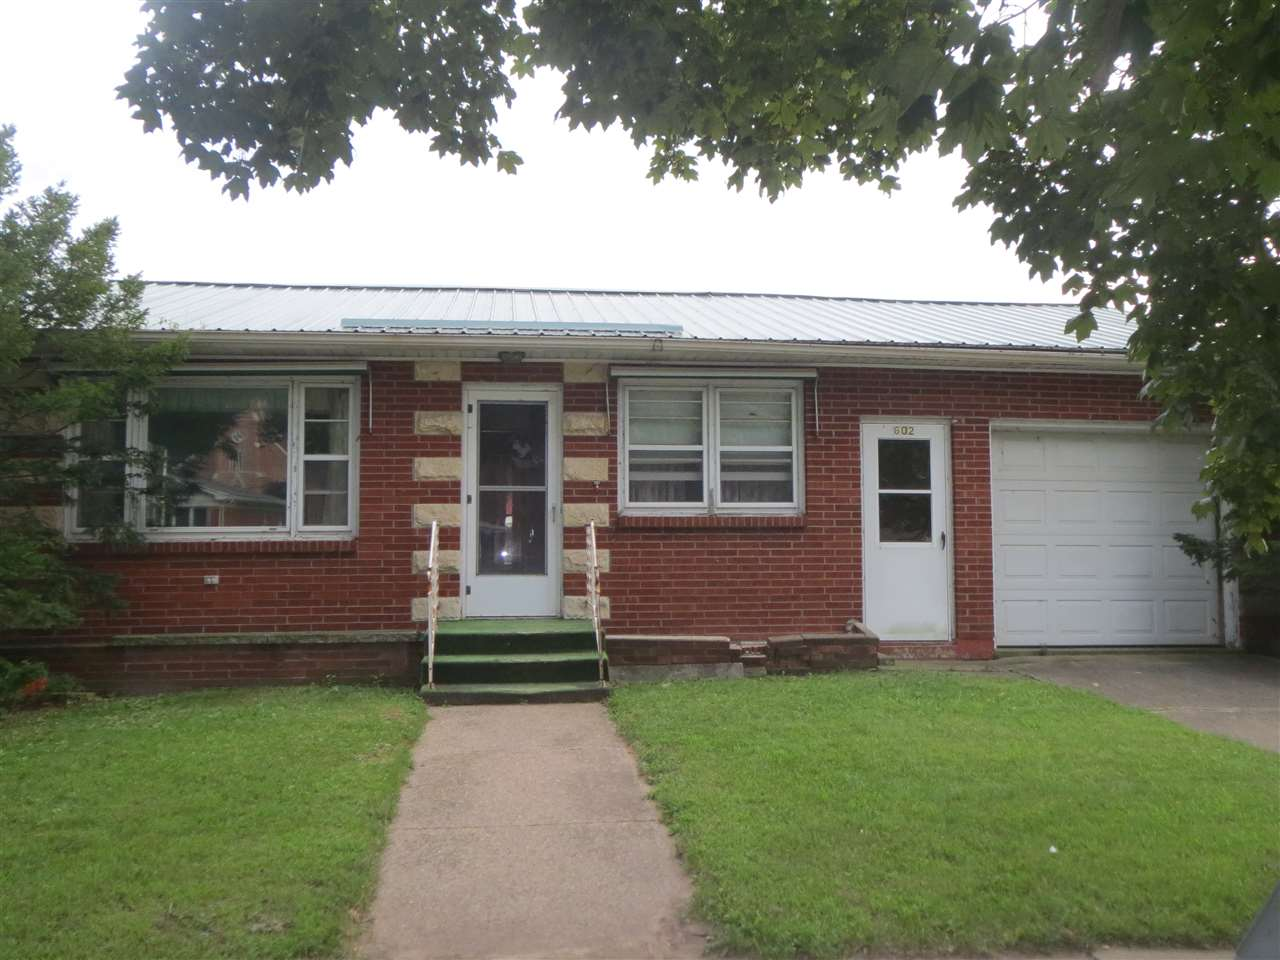 602 E Amelia St, Cassville, WI 53806